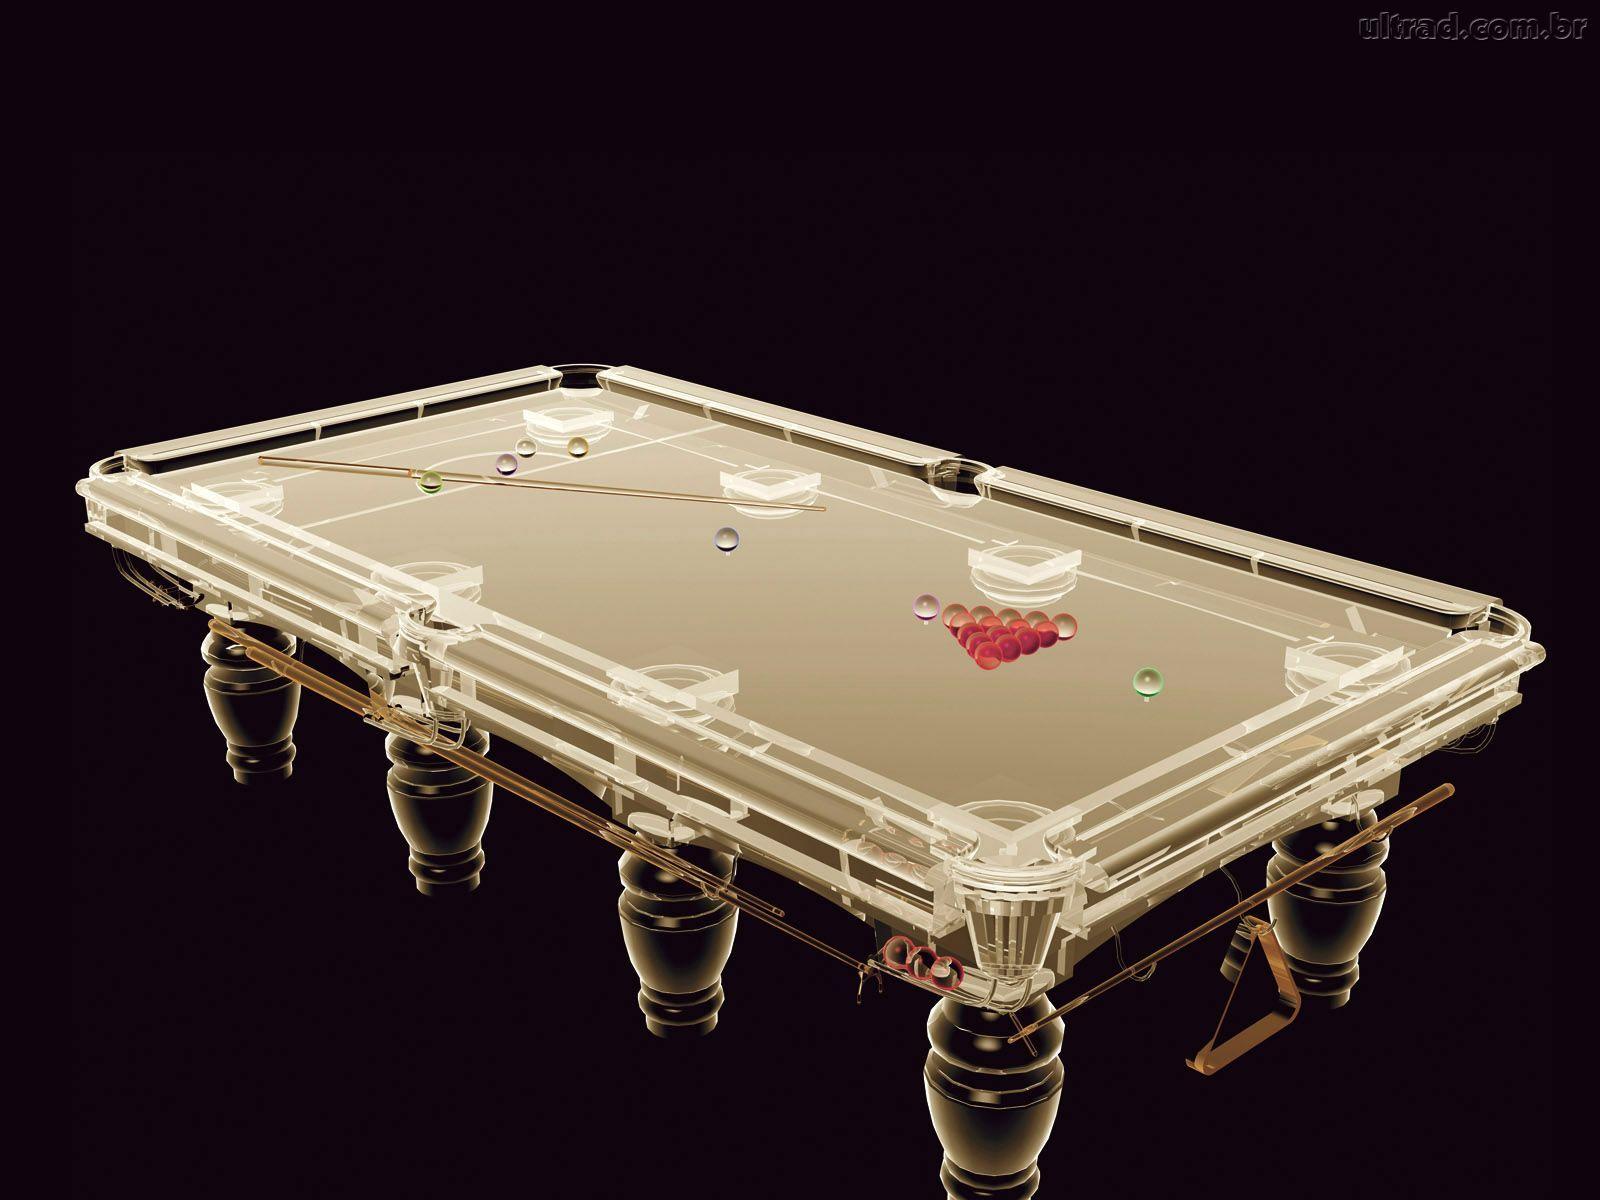 Papel De Parede Mesa De Bilhar De Neon Diy Pool Table Pool Table Billiard Tables